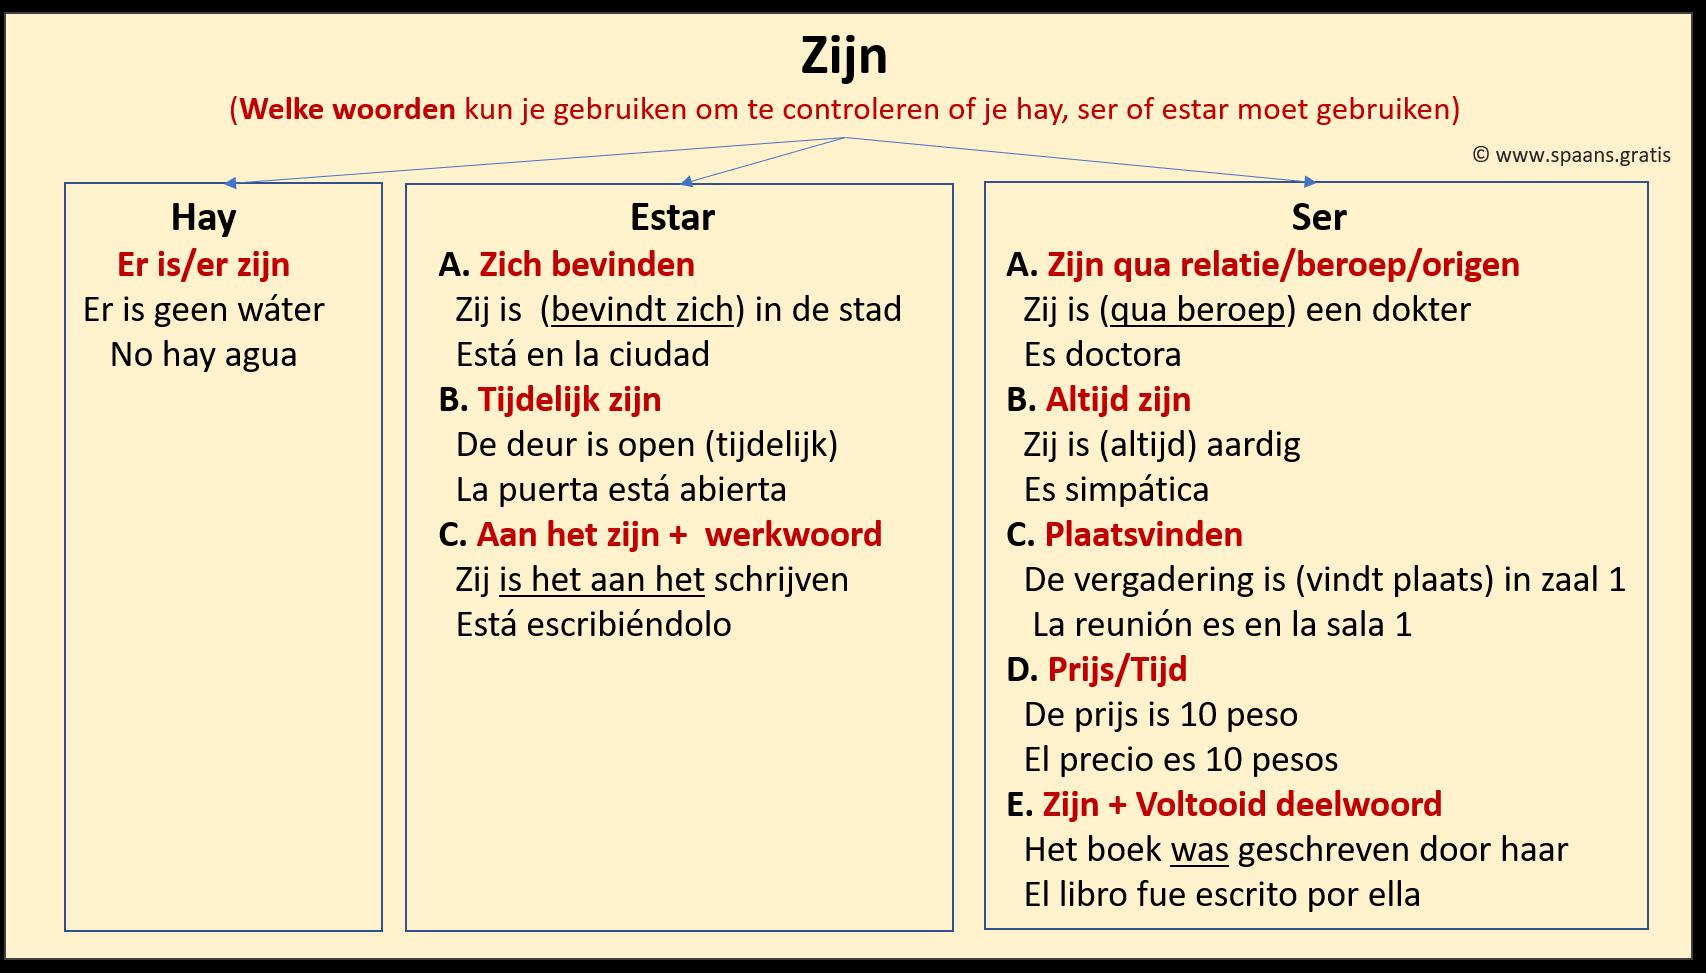 Regels voor estar, ser en hay in Spaans